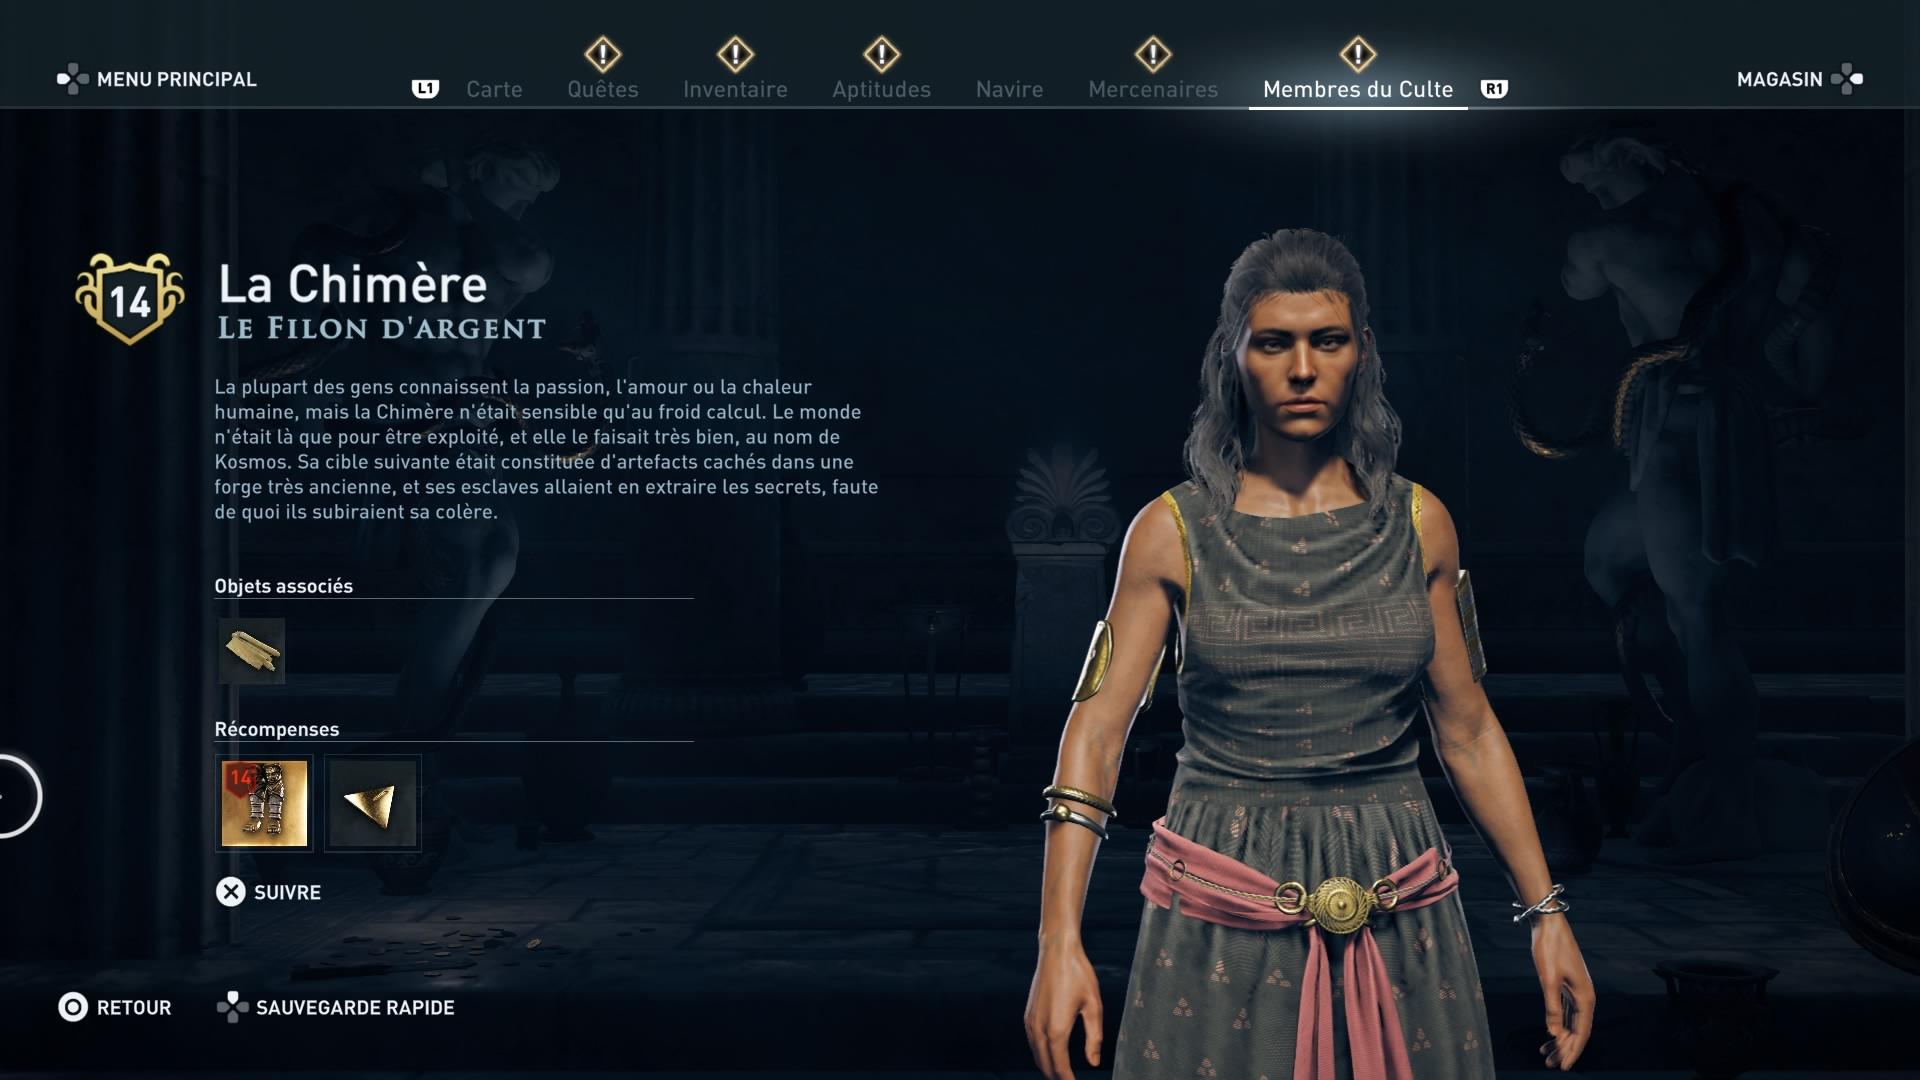 Assassin's Creed Odyssey trouver et tuer les adeptes du culte du Kosmos, ps4, xbox one, pc, ubisoft, jeu vidéo, Le filon d'argent, la chimère